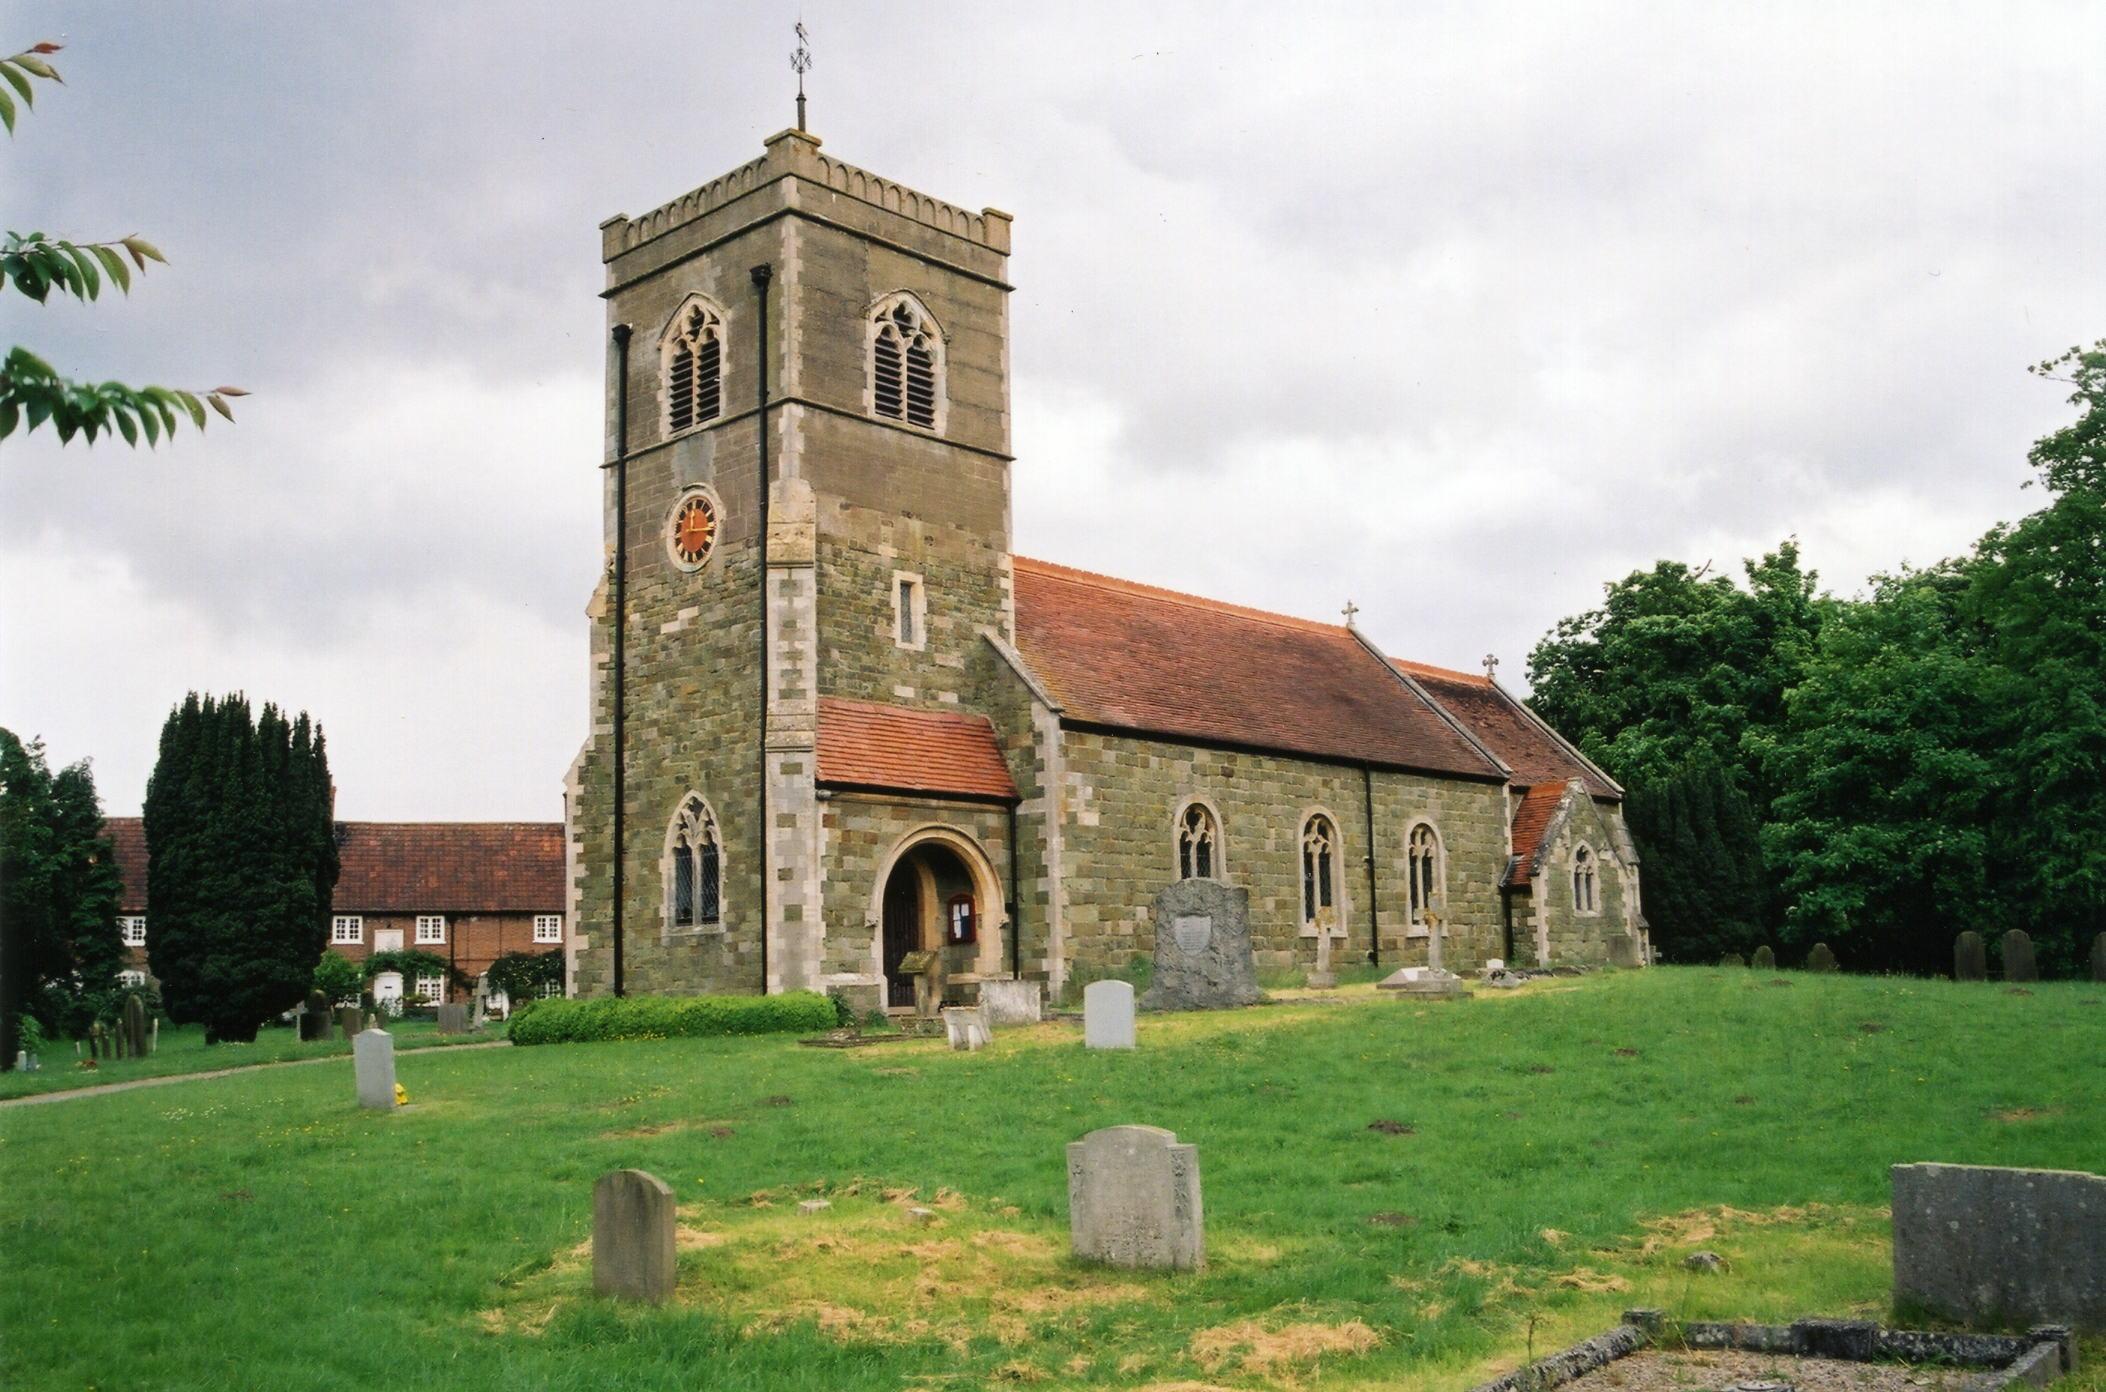 St. Margaret's Church